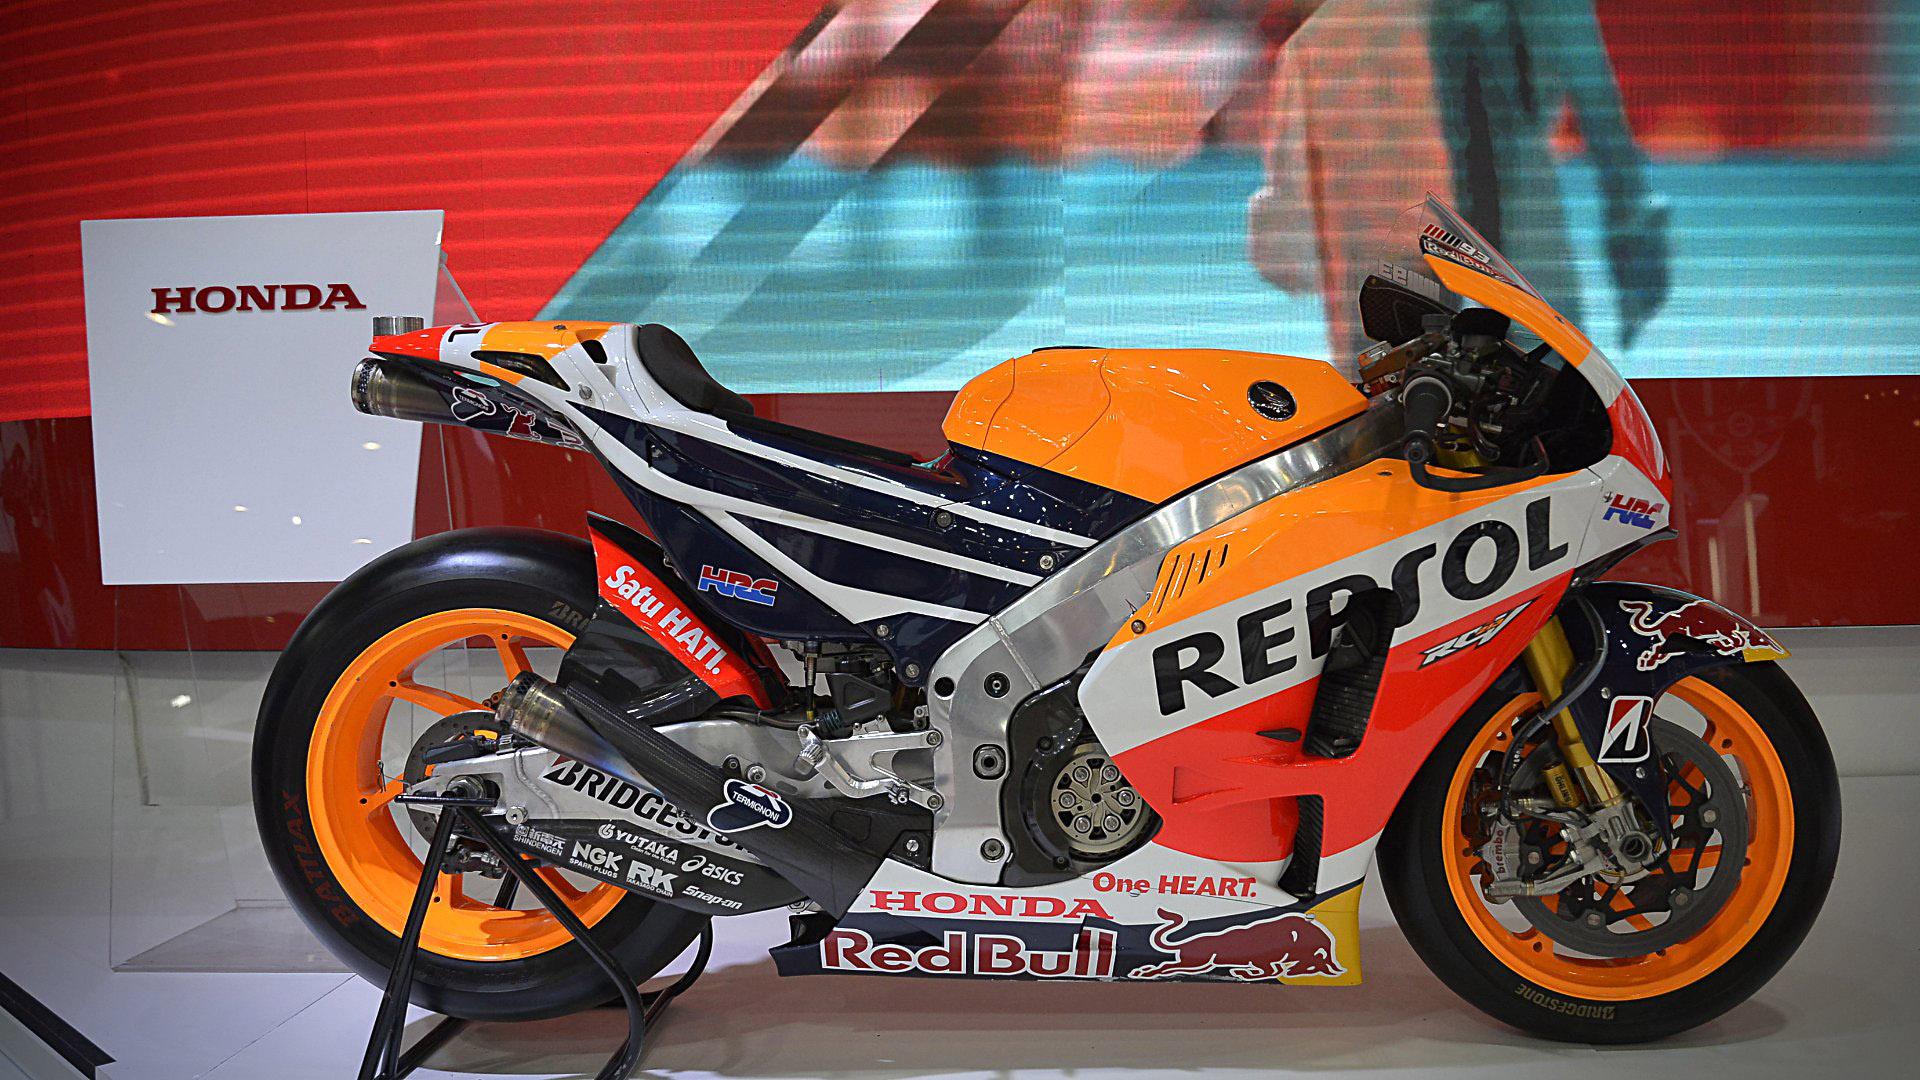 La RC213V con el número 93 pertenece al piloto español Marc Márquez, que acaba deproclamarse el último fin de semana campeón del mundo por séptima vez y por quinta ocasión en la categoría reina de MotoGP. Es uno de los modelos más destacados del stand de Honda